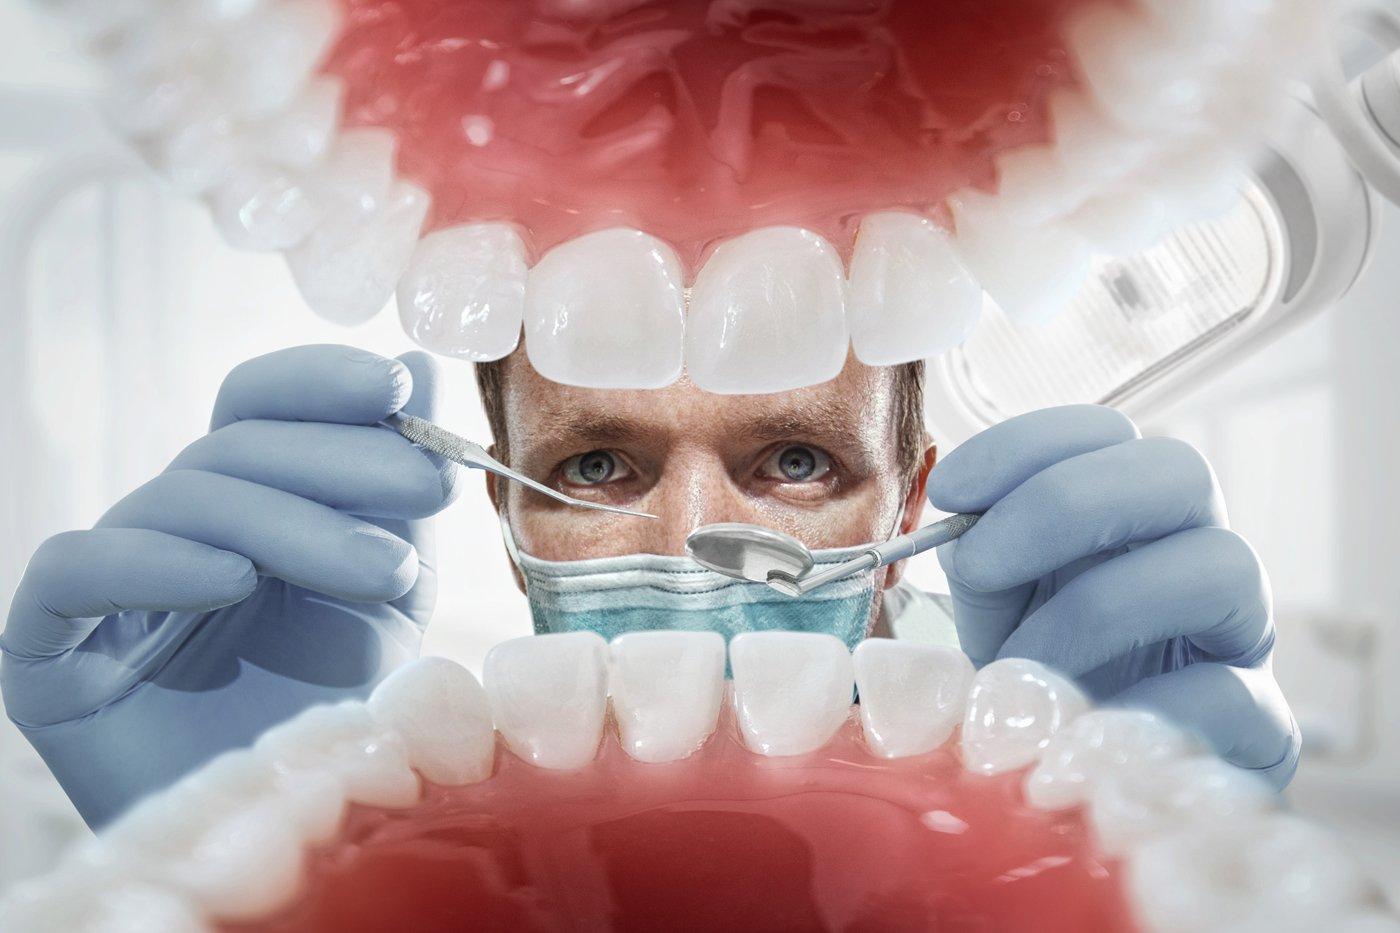 bocca aperta con dentista pronto per la visita